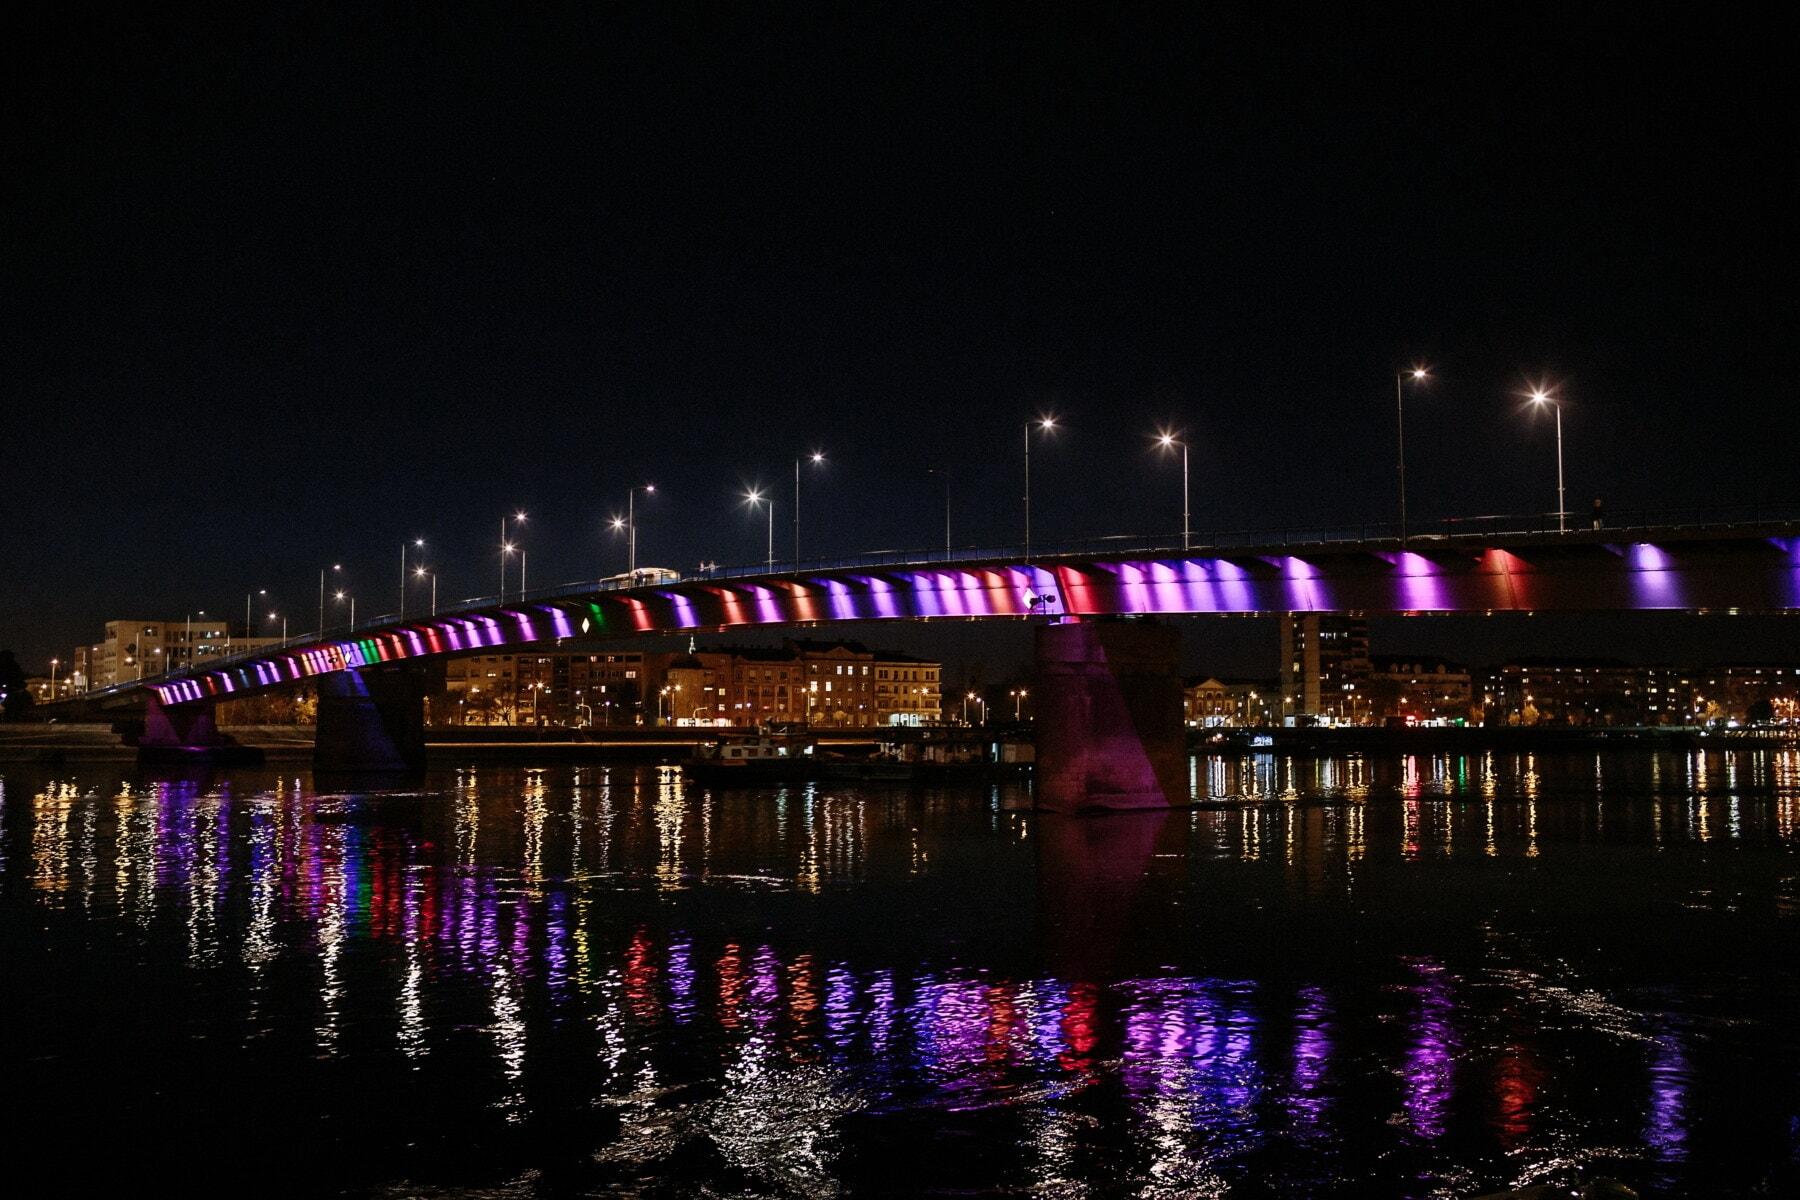 ban đêm, cầu, trung tâm thành phố, phản ánh, đầy màu sắc, sông, thành phố, đêm, Pier, nước